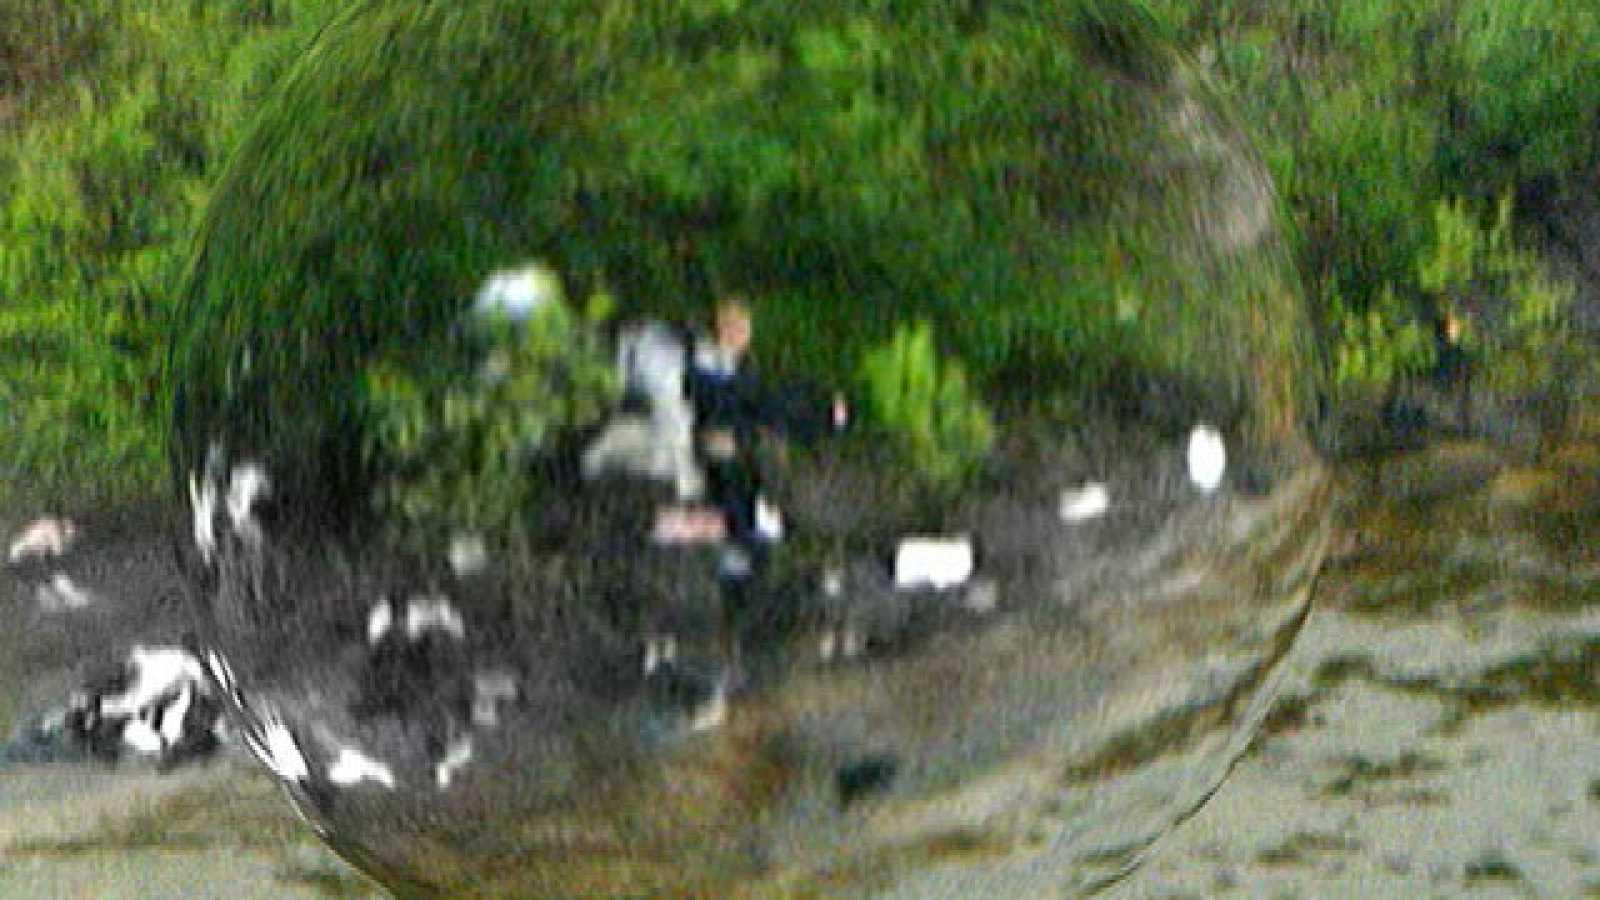 Uno de los helicópteros capta la imagen del asesino disparando en la isla de Utoya